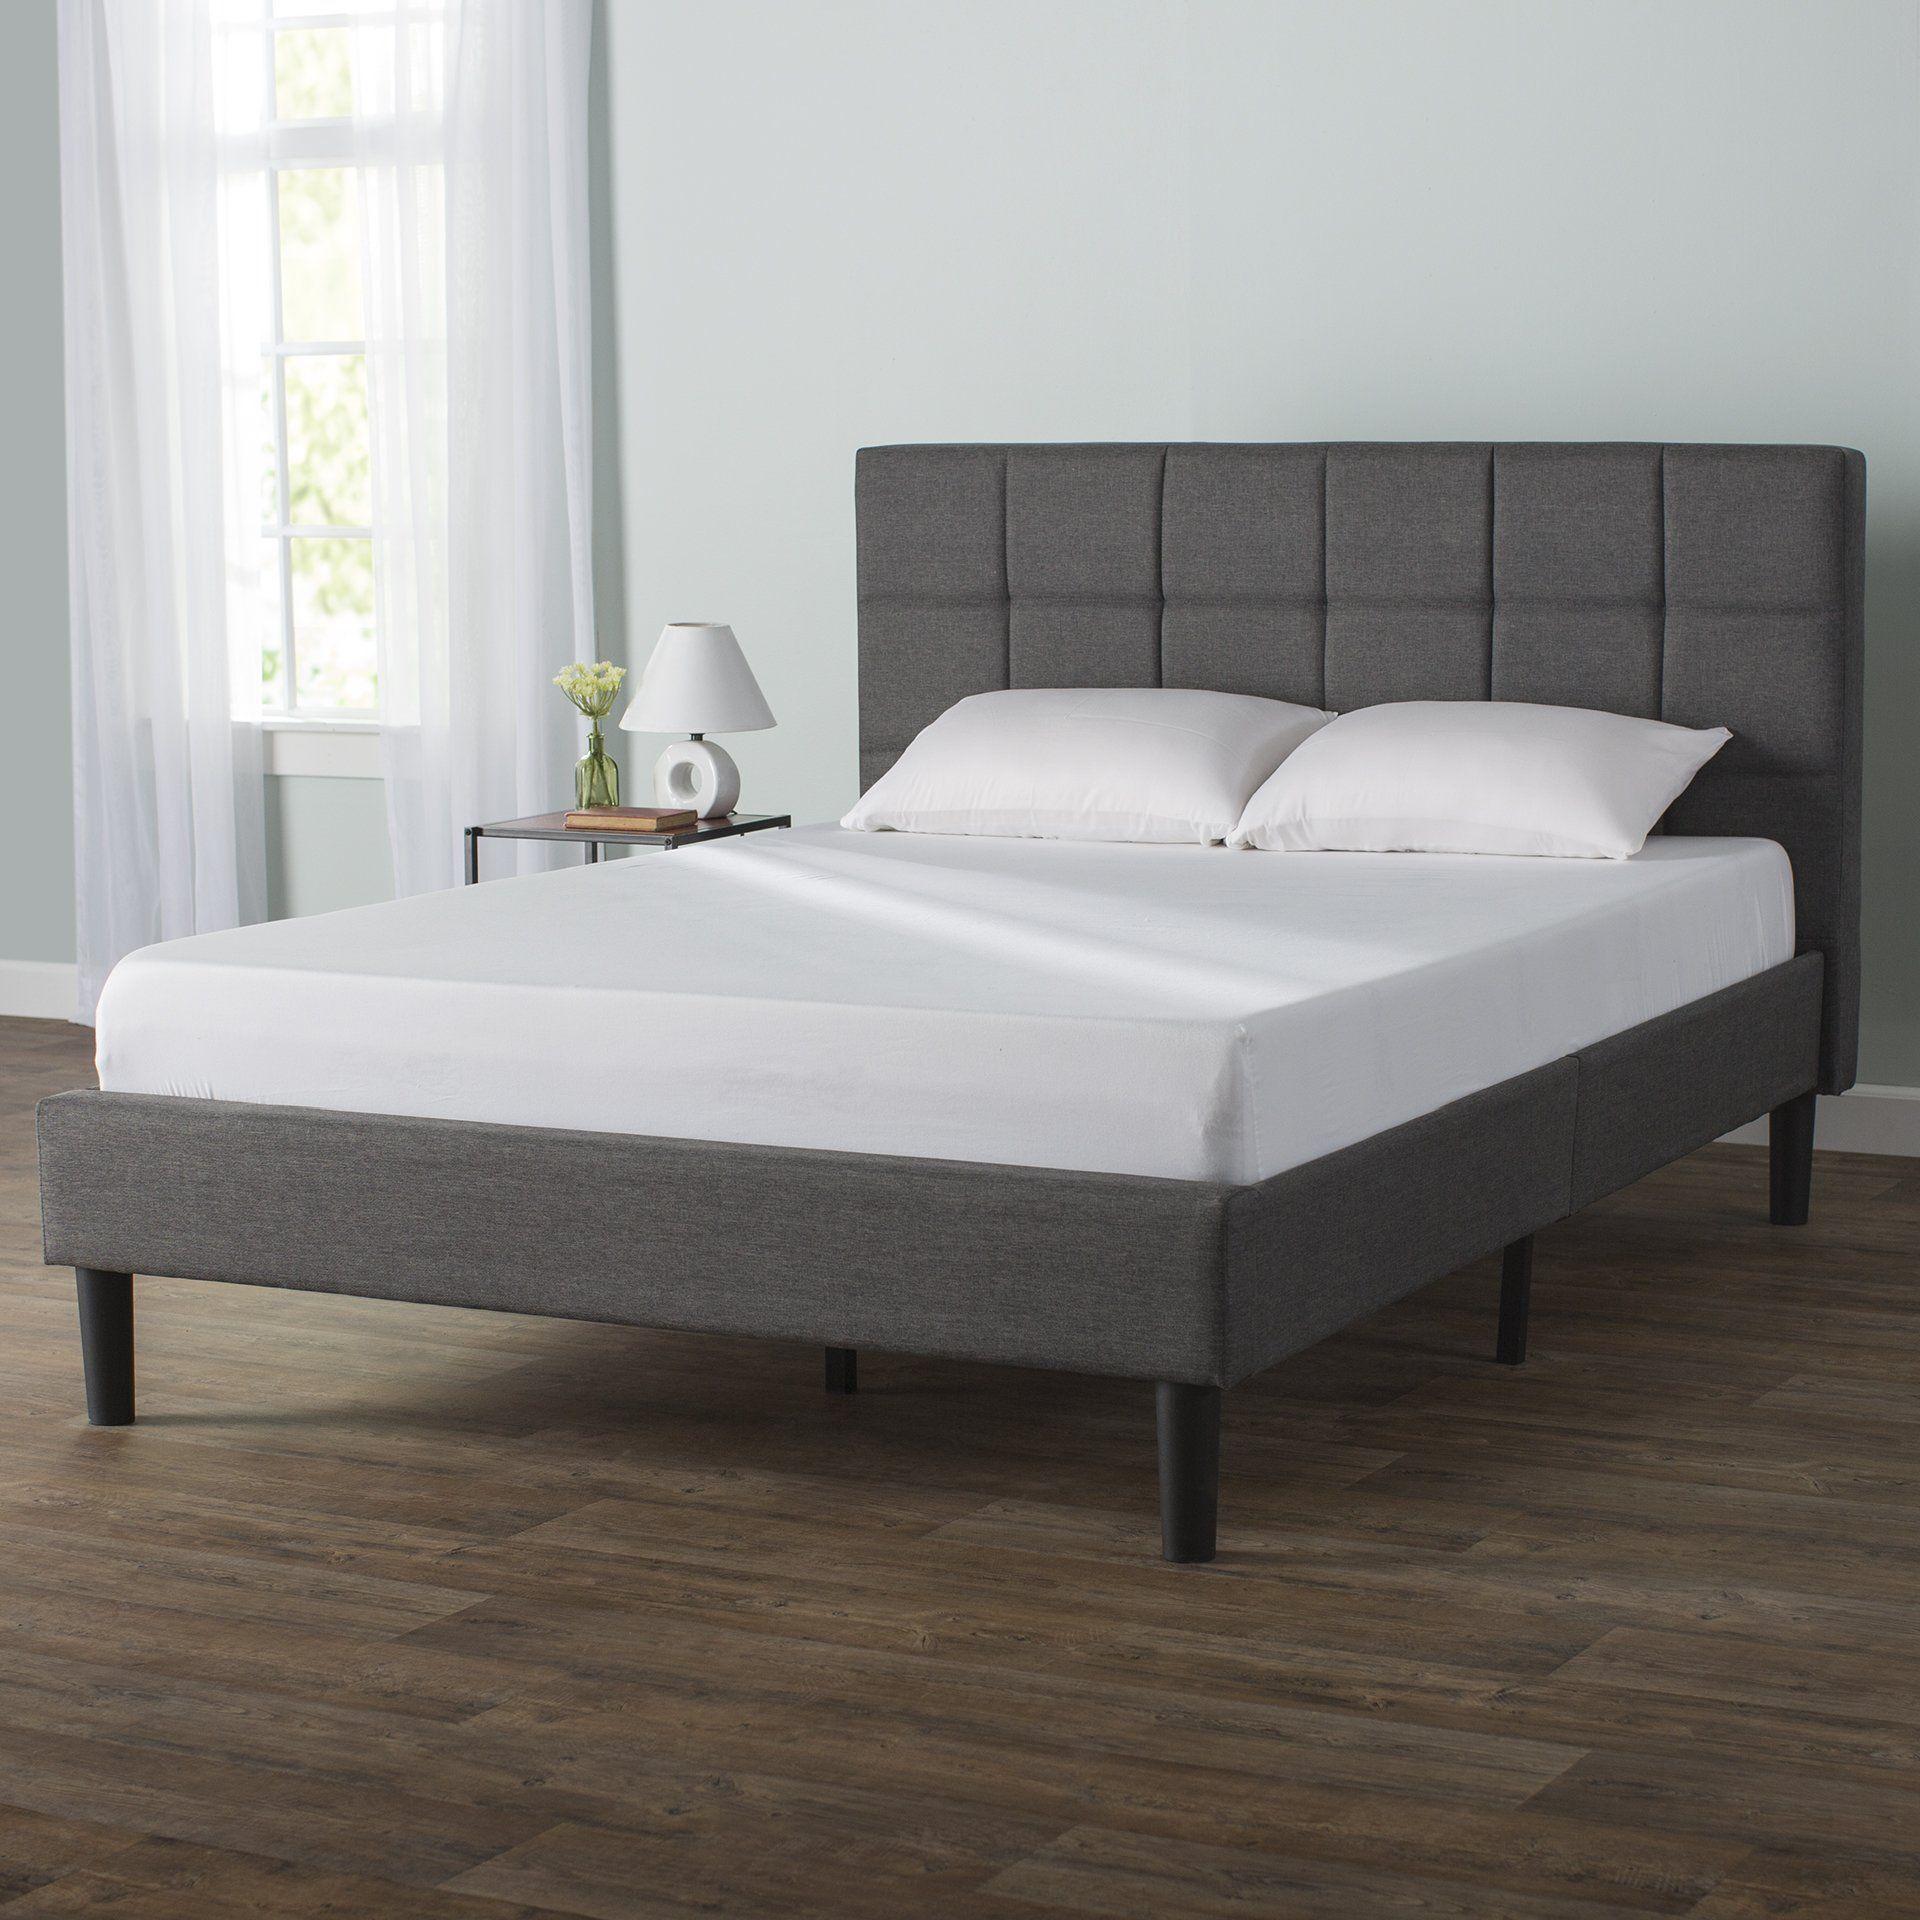 Colby Upholstered Platform Bed Upholstered platform bed